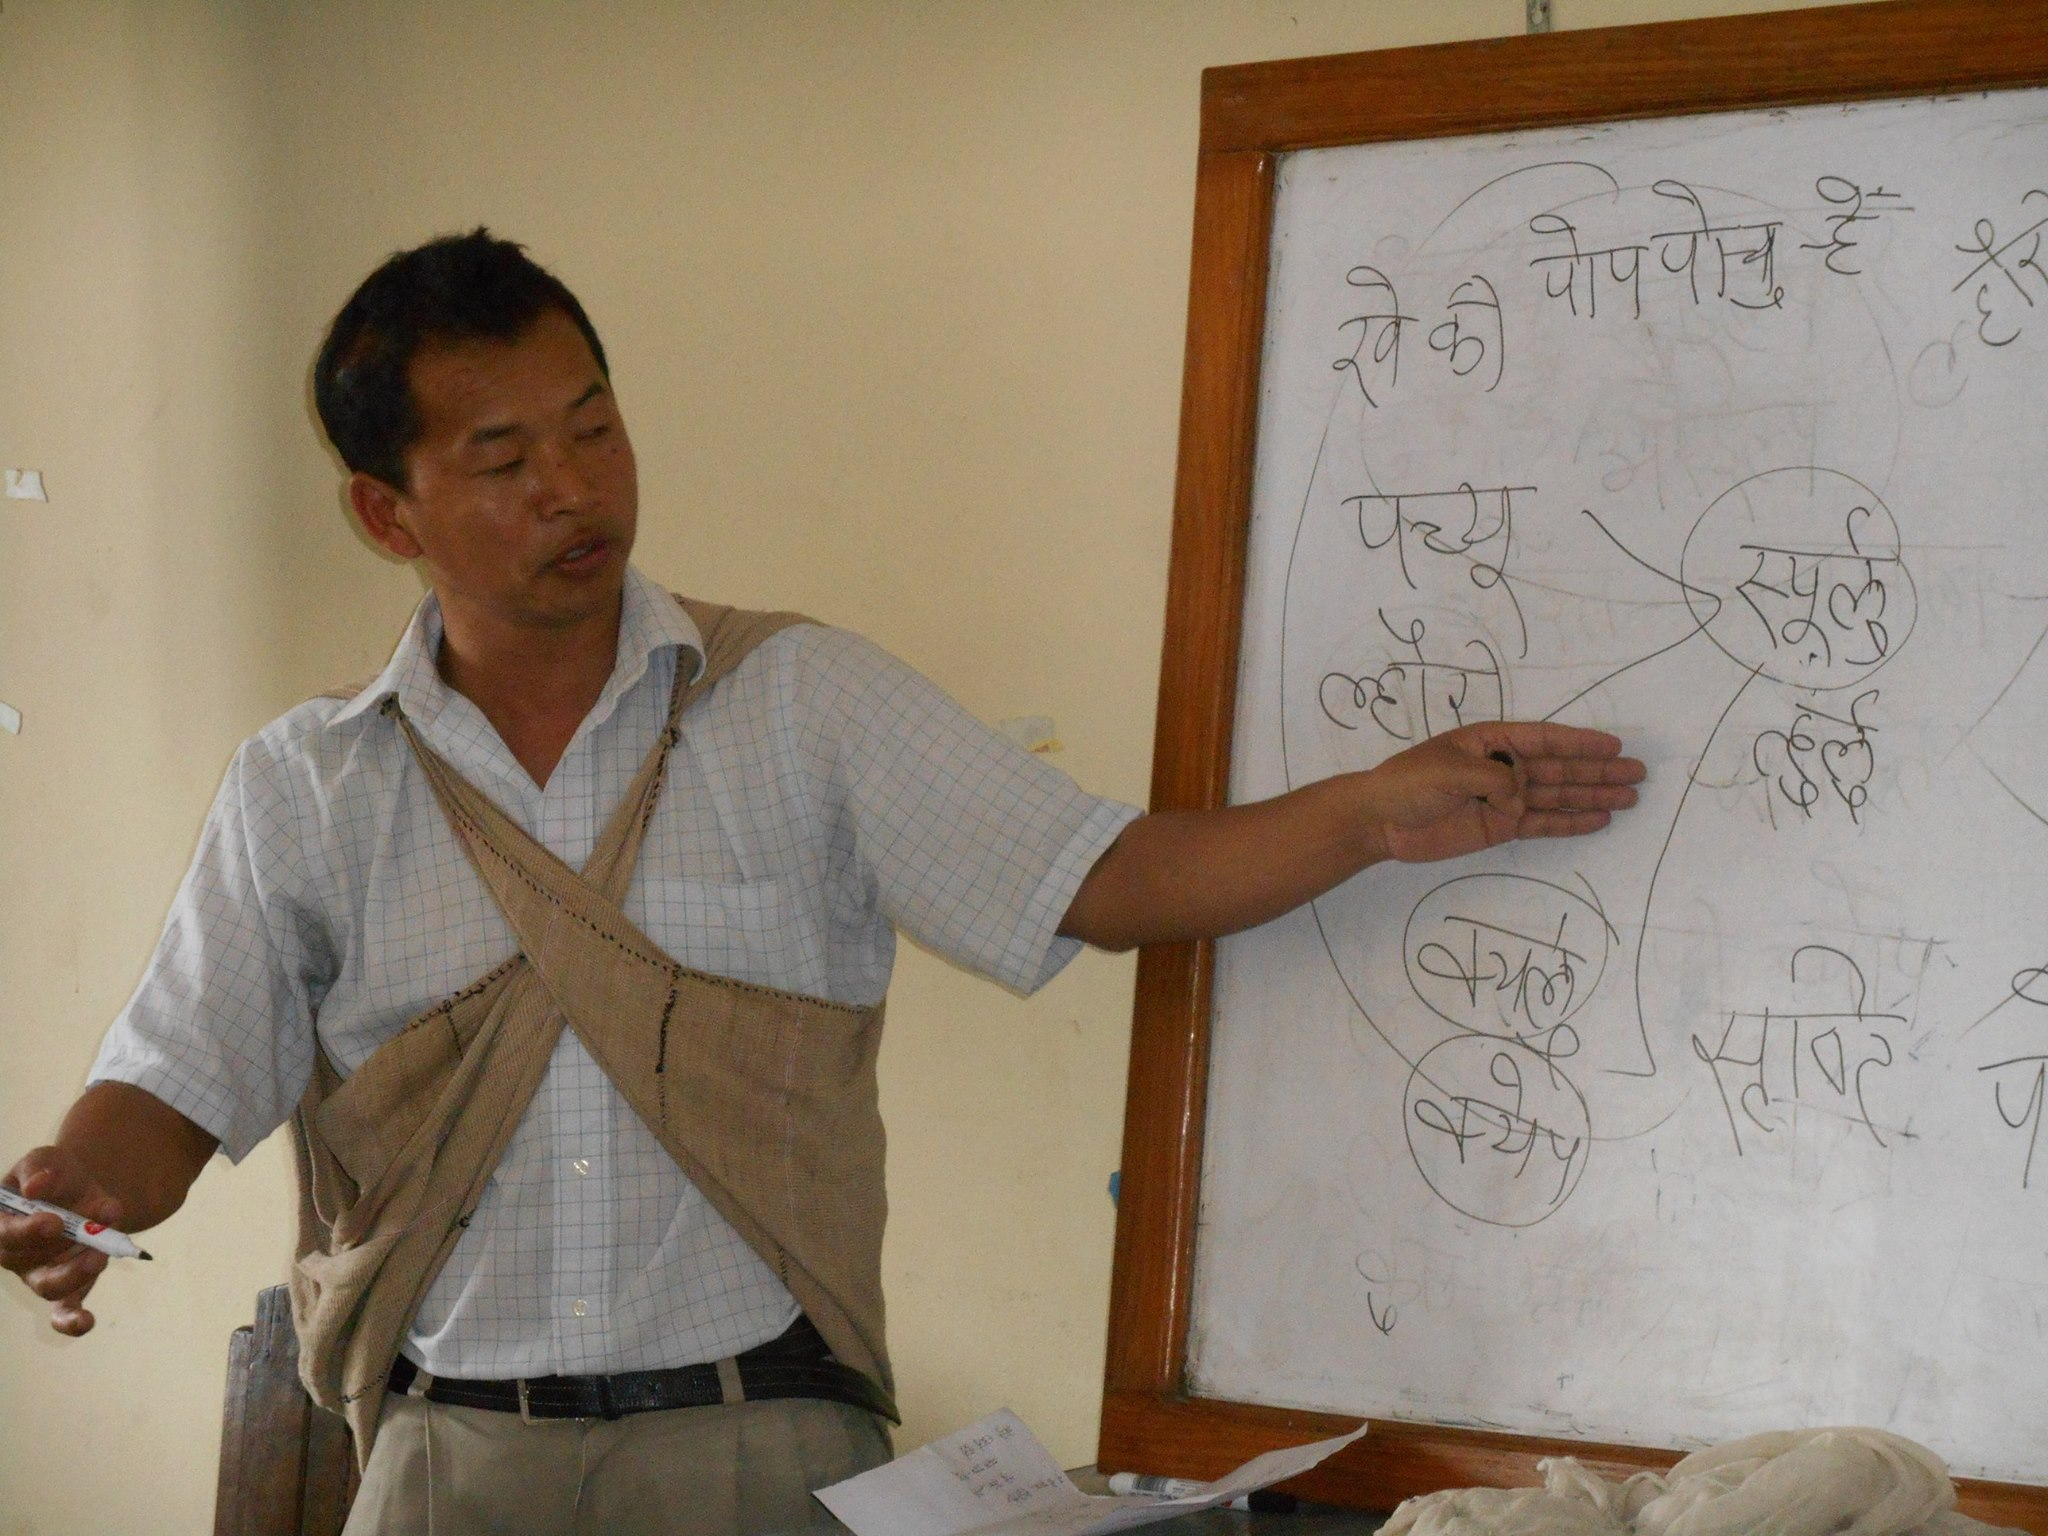 भाषा विज्ञान के हो ? गुरुङ भाषा विज्ञानबारे केहि विचारहरु ।